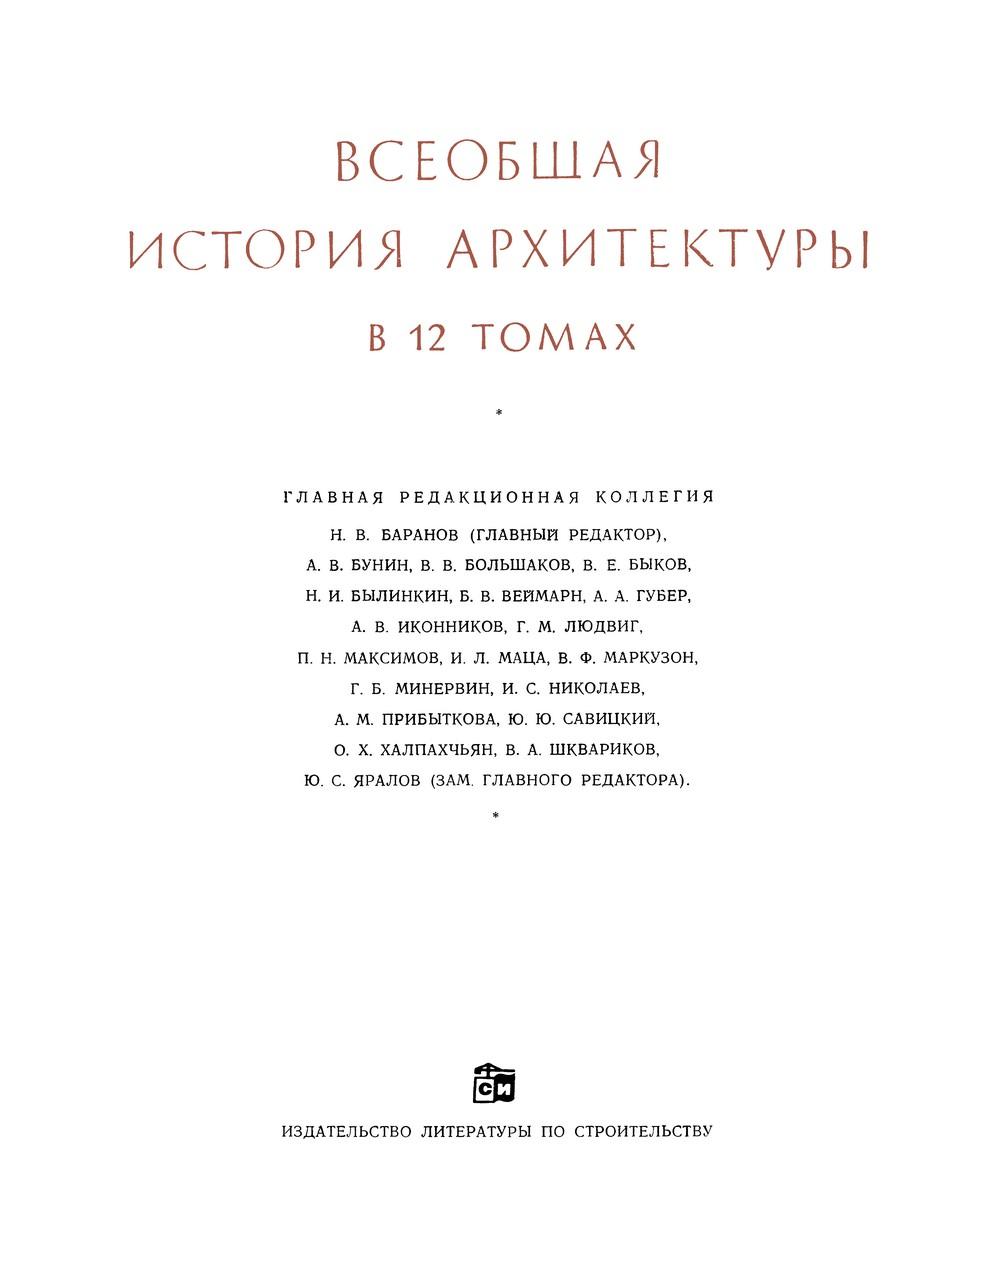 Всеобщая история архитектуры в 12 томах коронационный рубль николая 2 купить